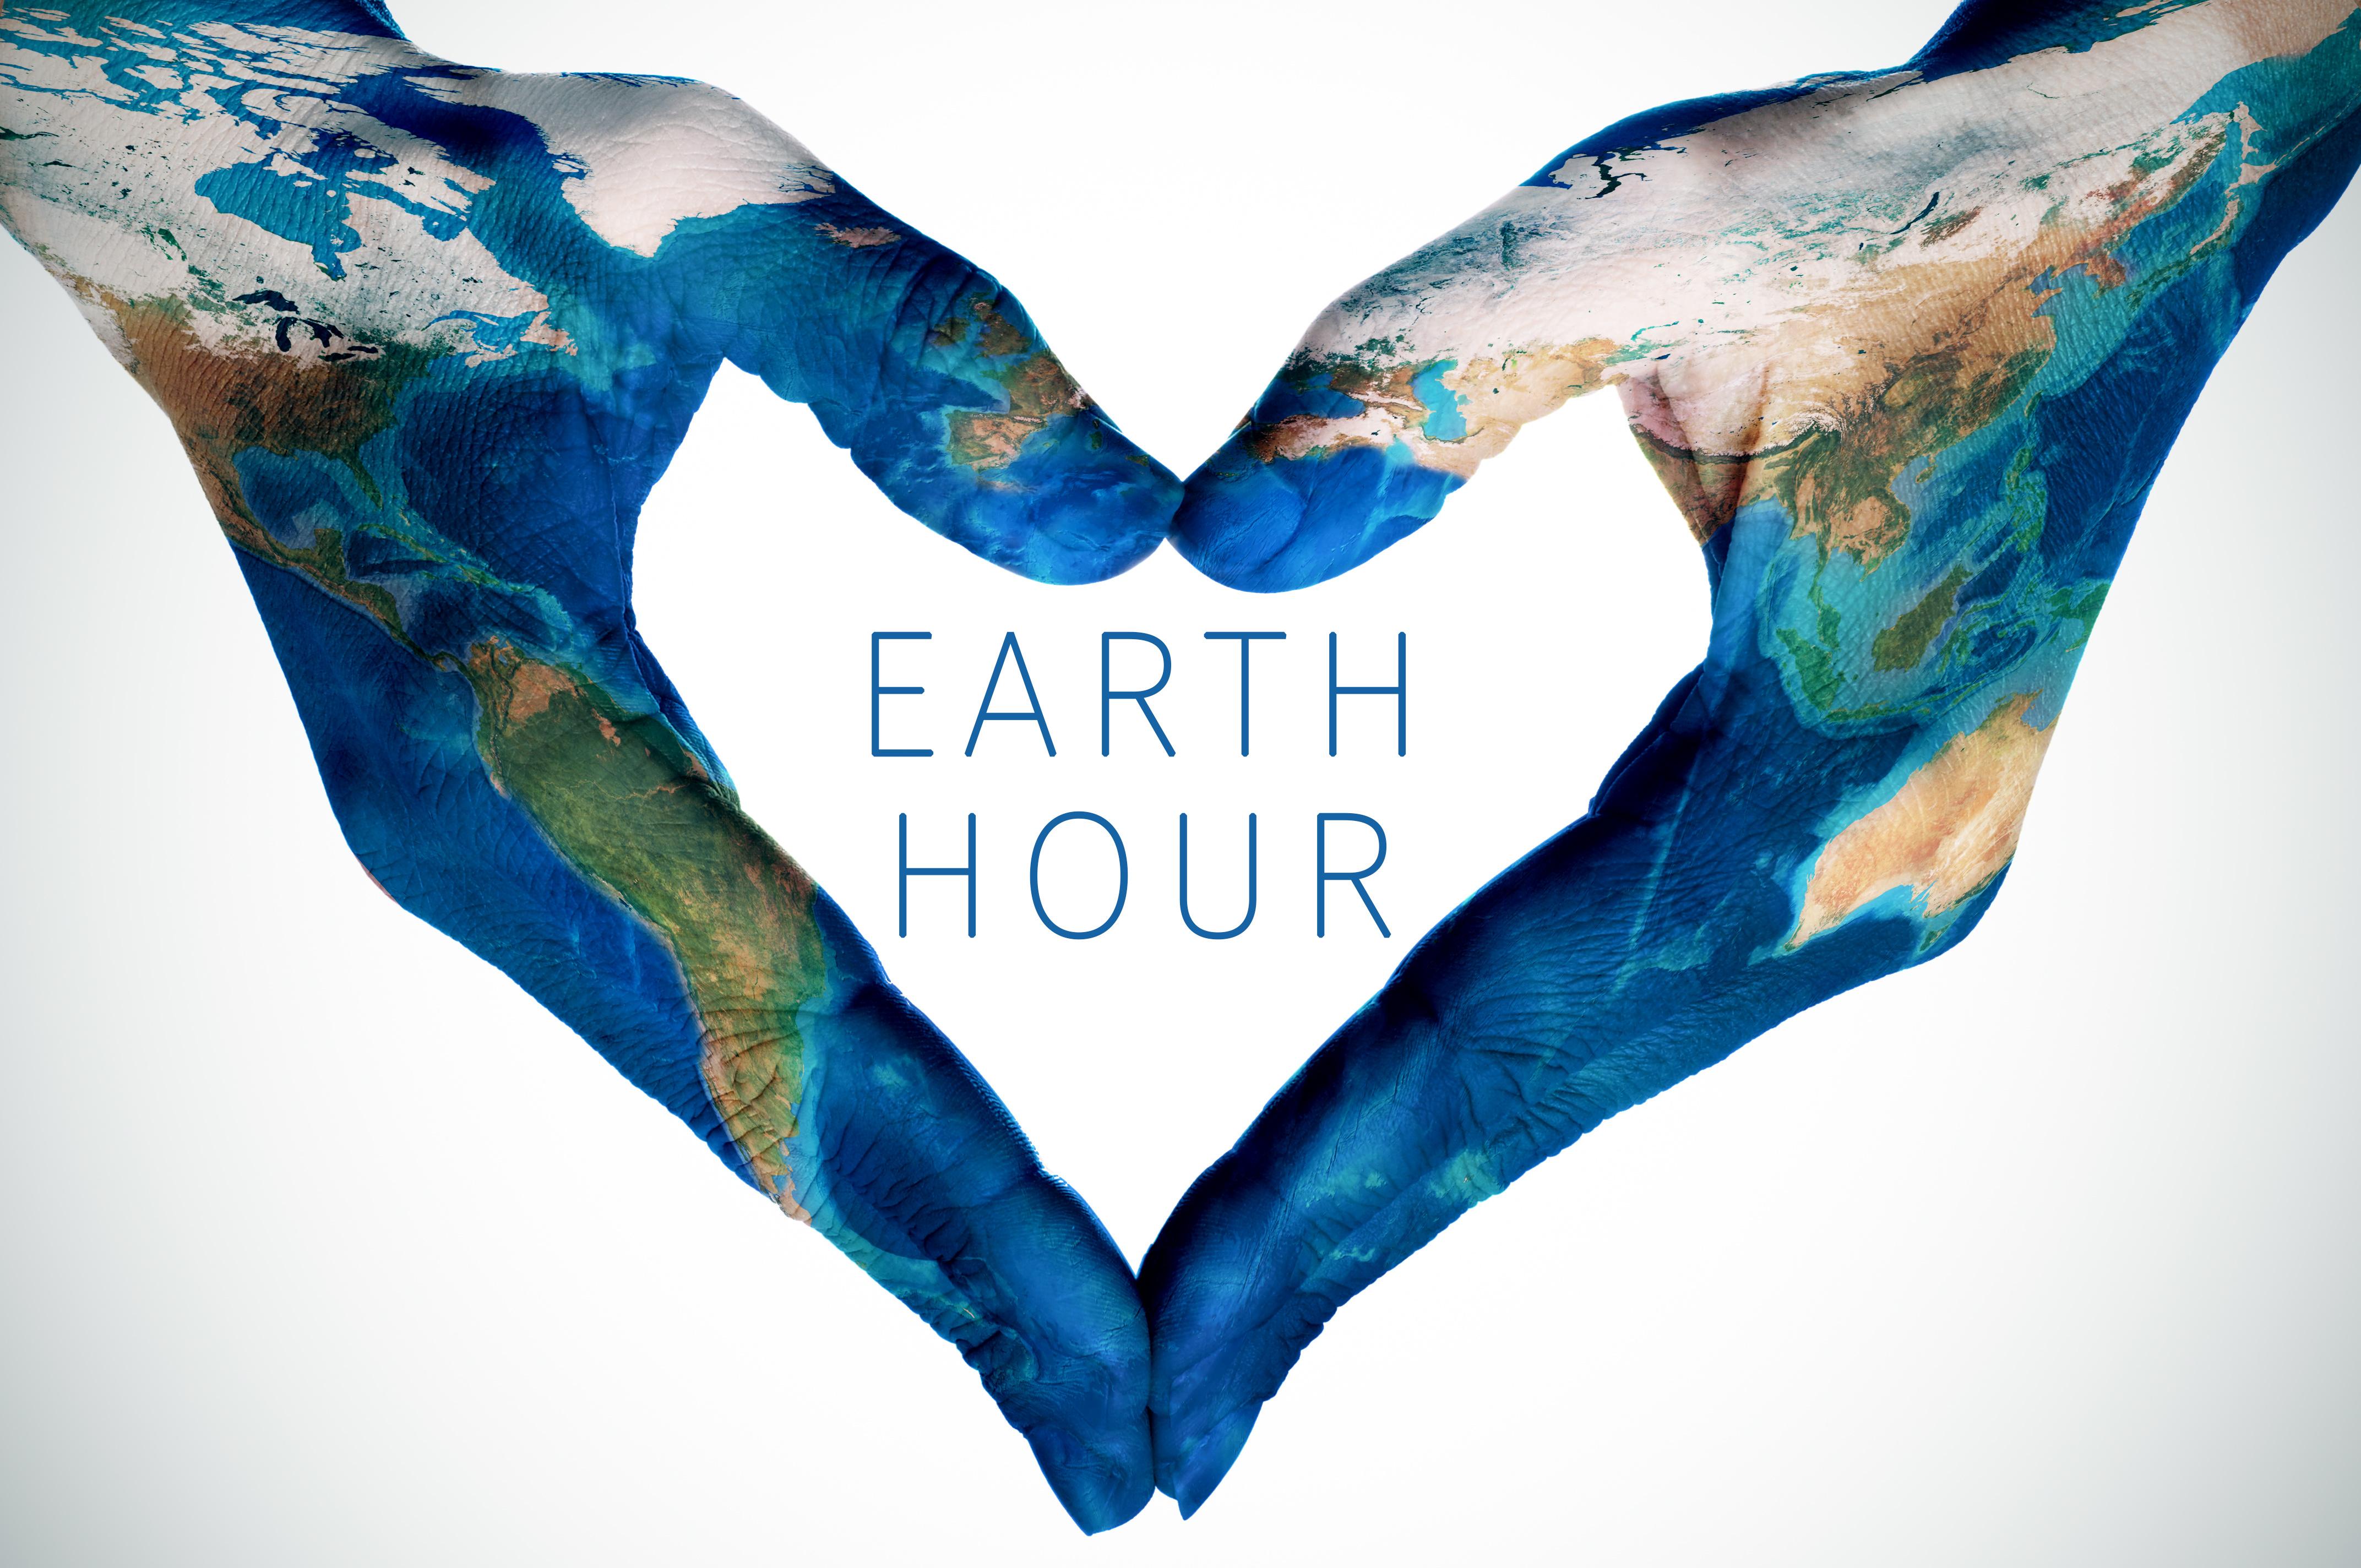 Fixa earth hour varje dag! FOTO ADOBE STOCK